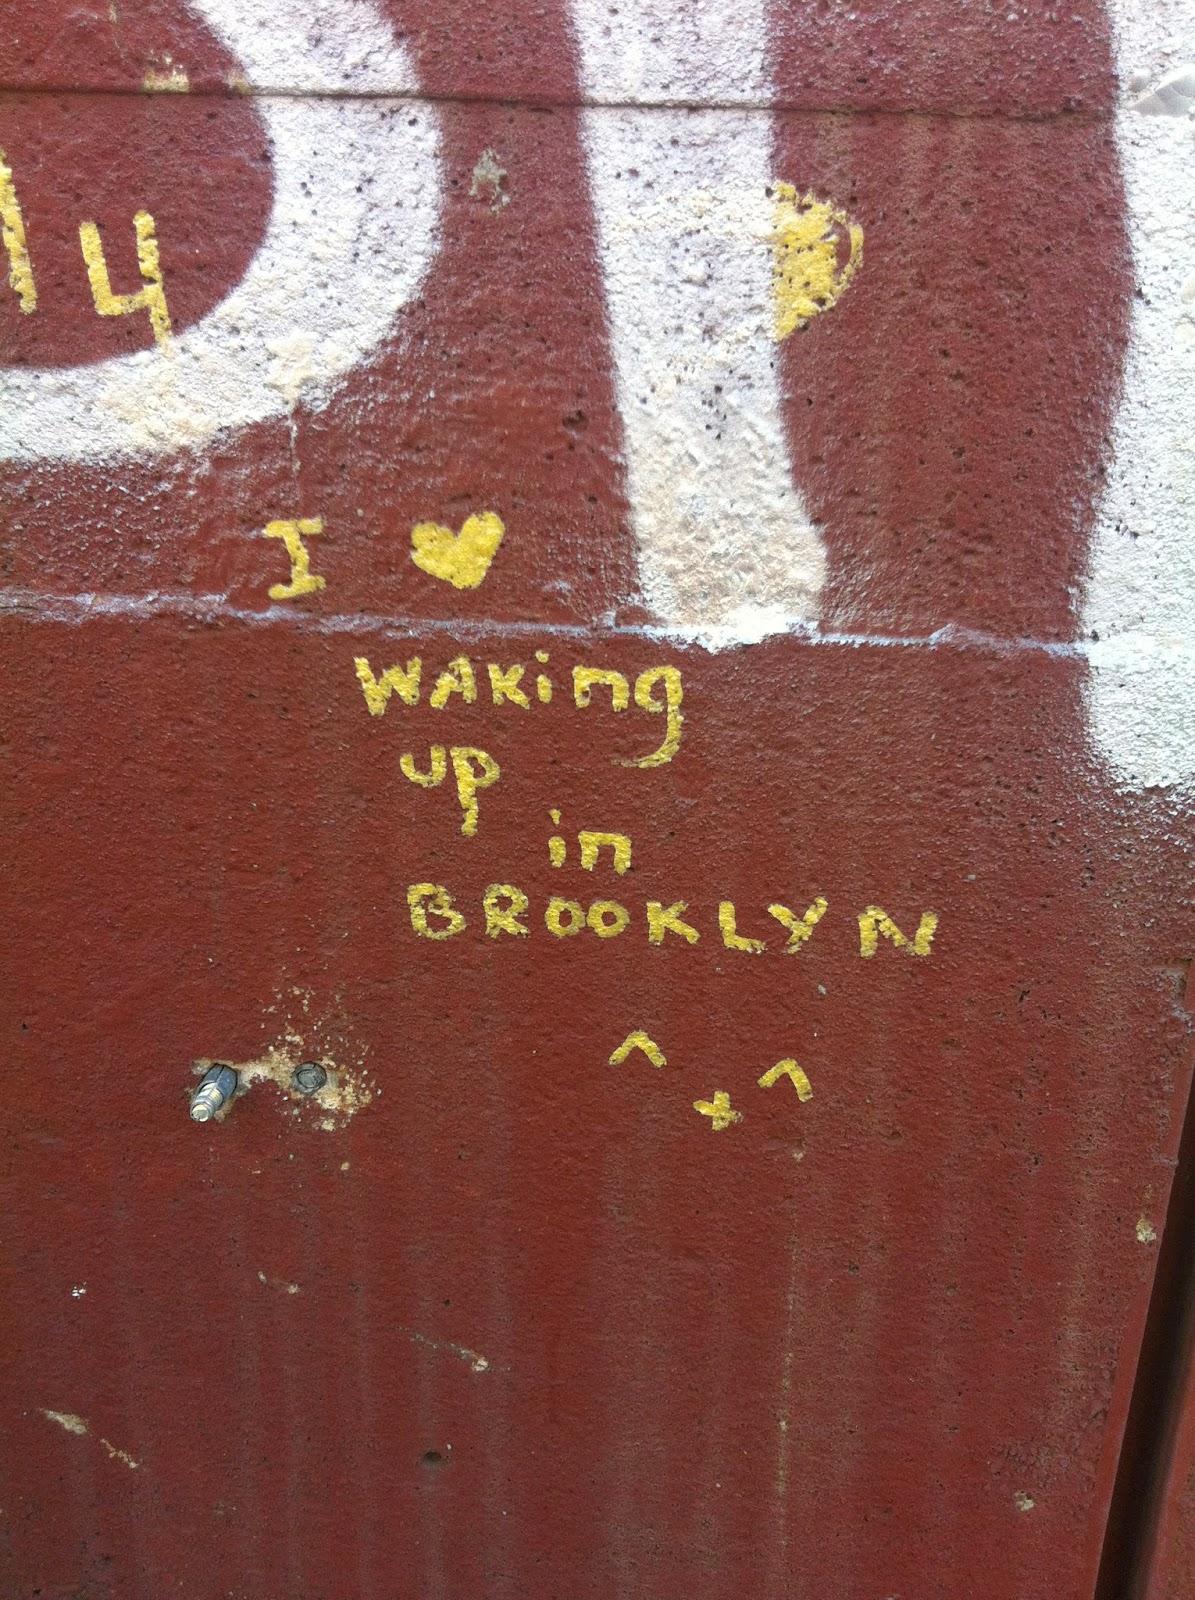 ブルックリンひとり旅 (4) グラフィティとか街の写真まとめ